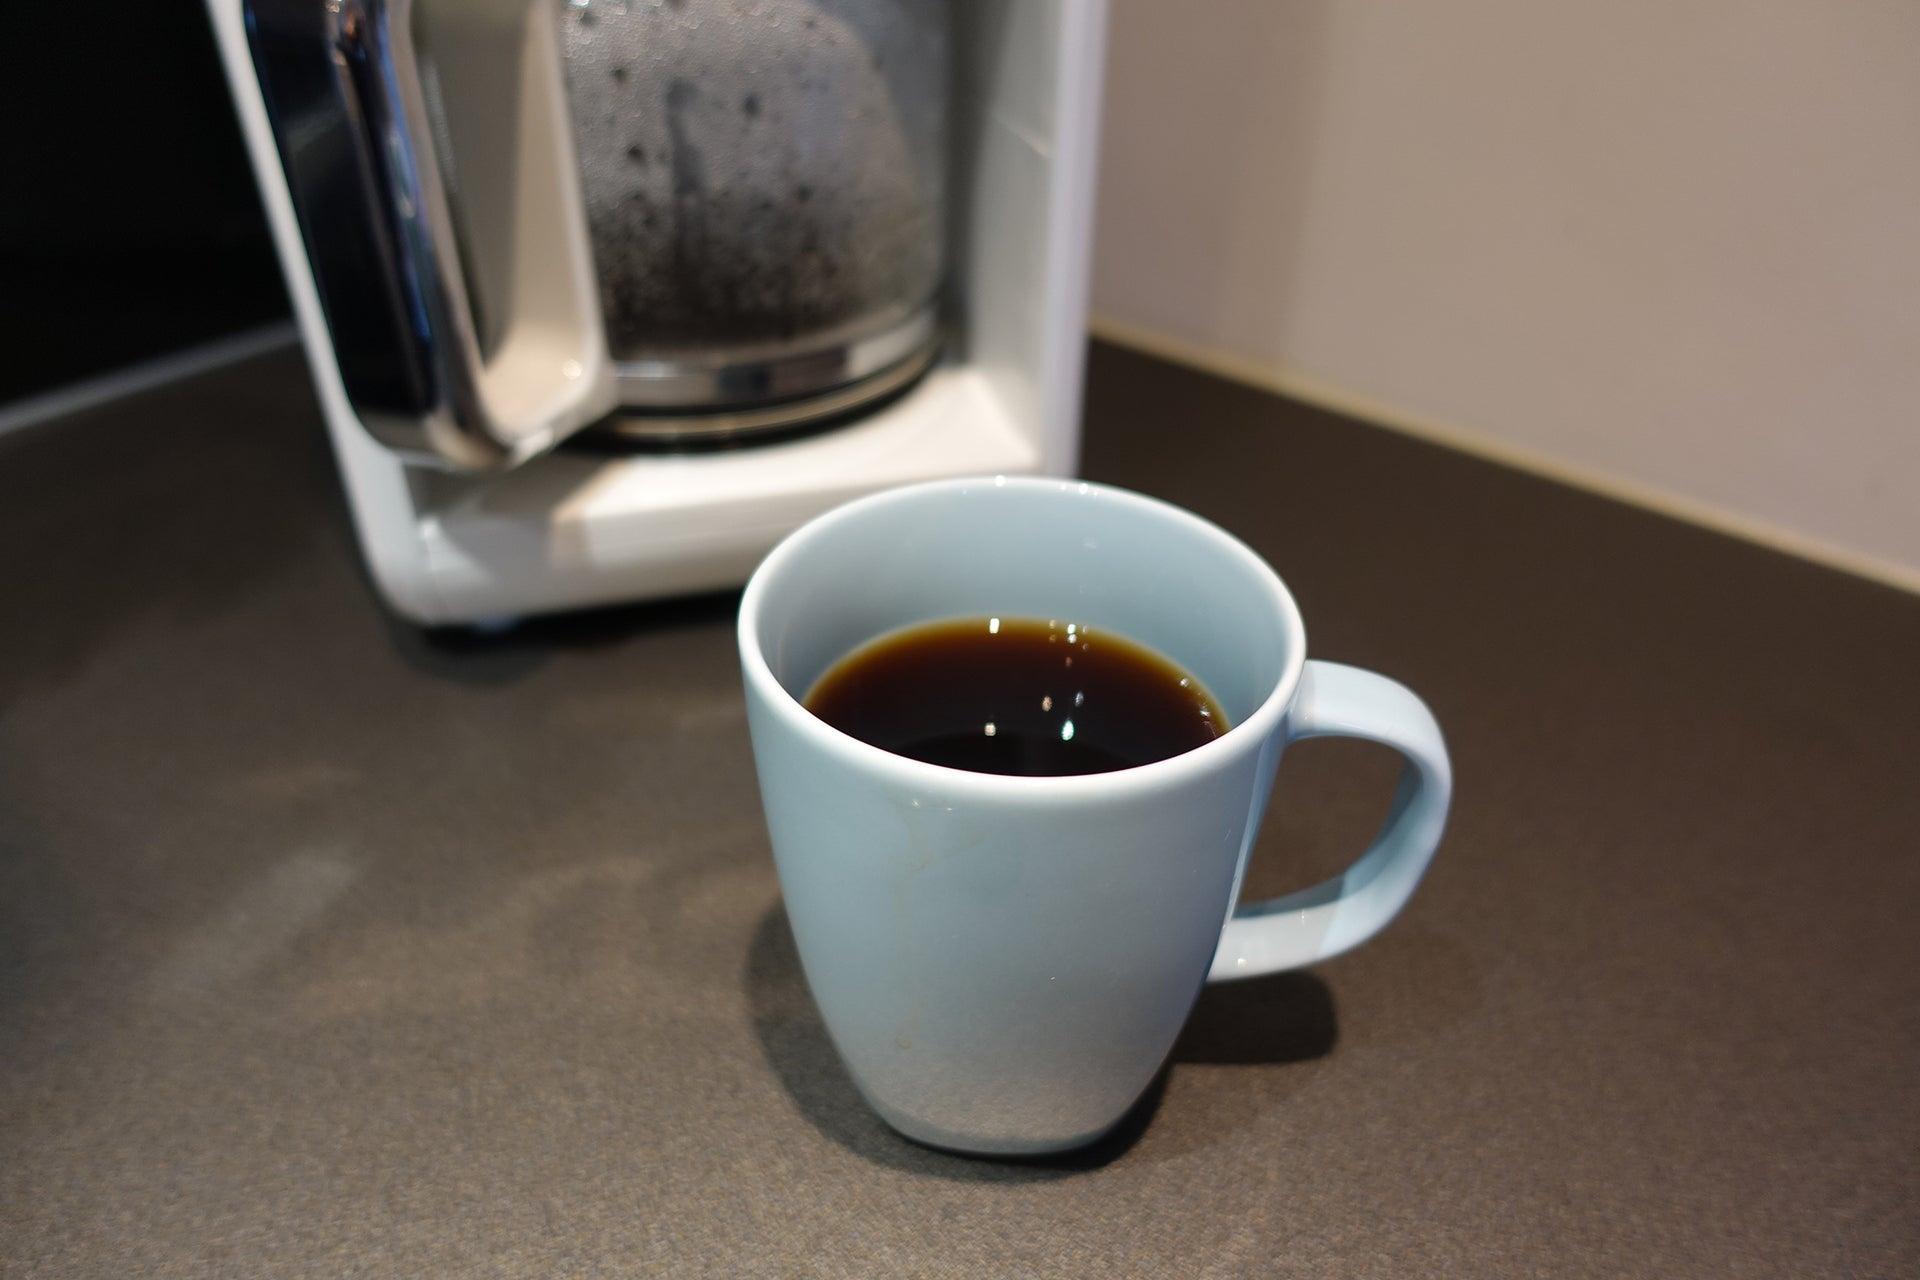 Morphy Richards Verve coffee mug